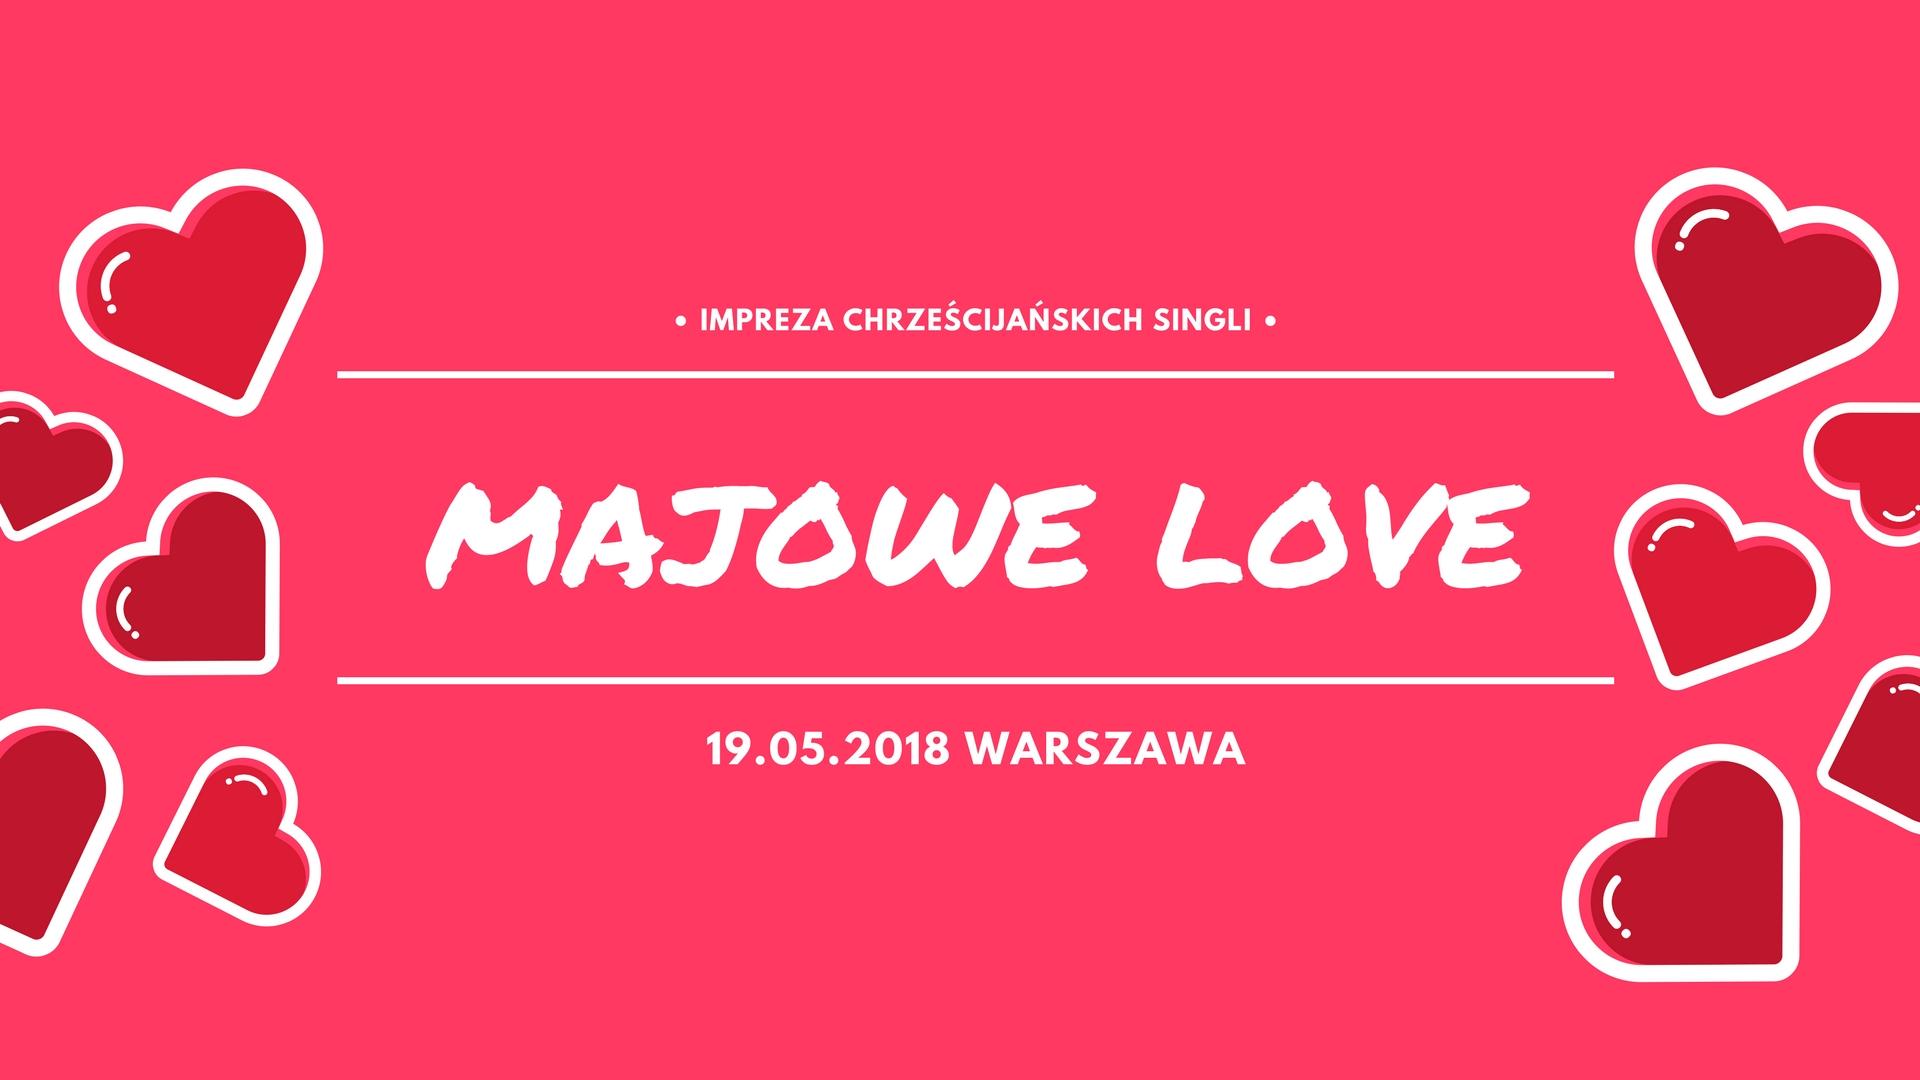 Majowe Love -Impreza dla Chrześcijańskich Singli w Warszawie